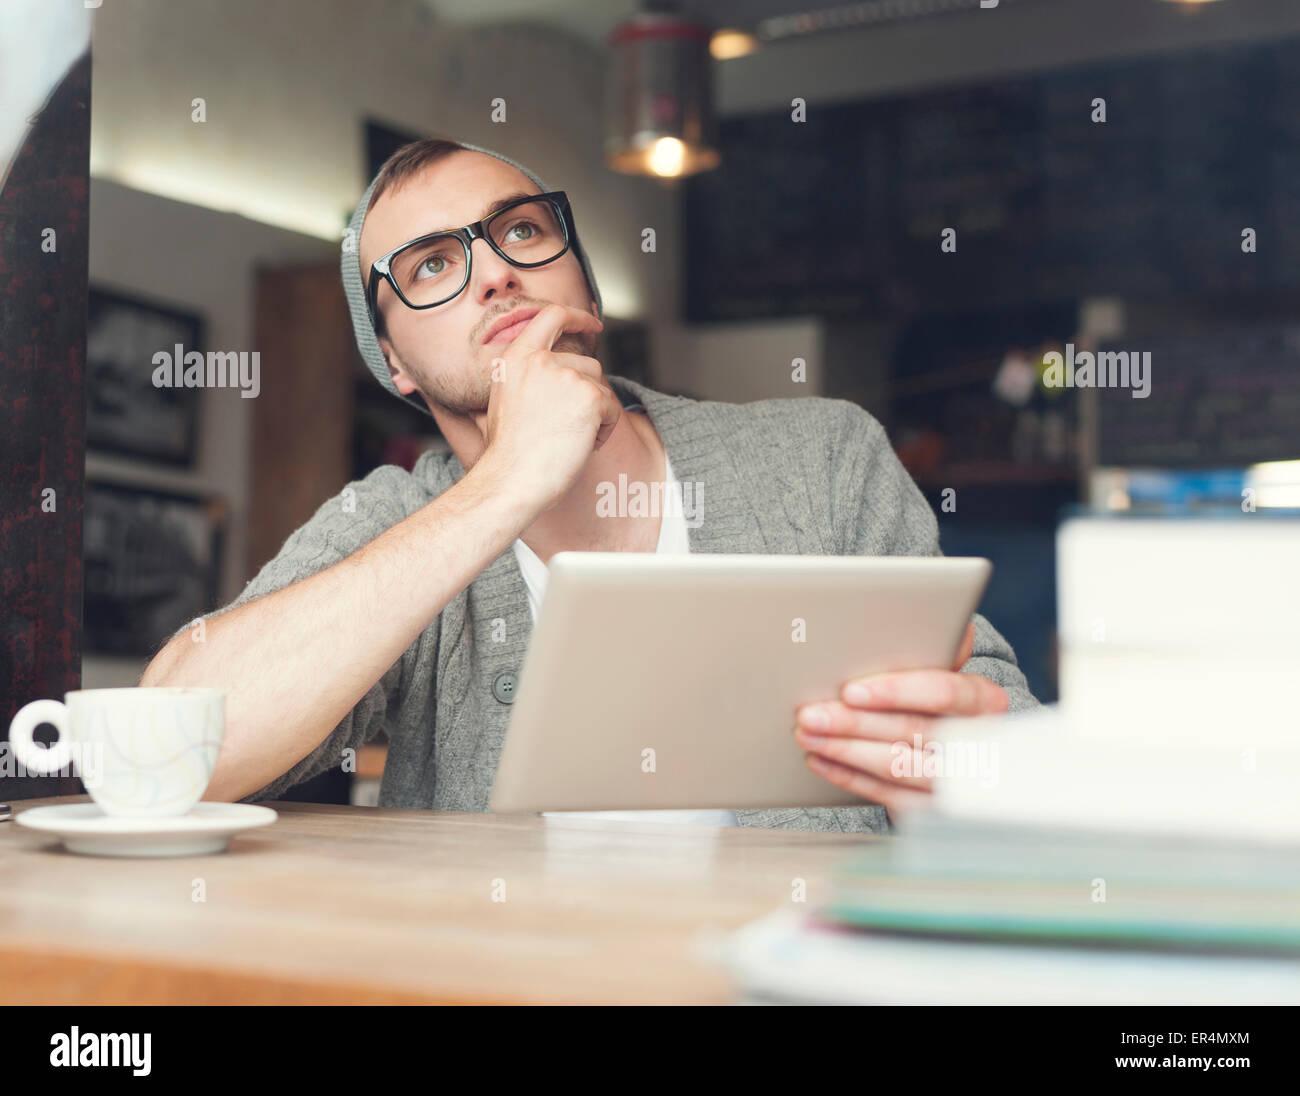 Soñar hombre utilizando tablet digital en el cafe. Cracovia, Polonia Imagen De Stock